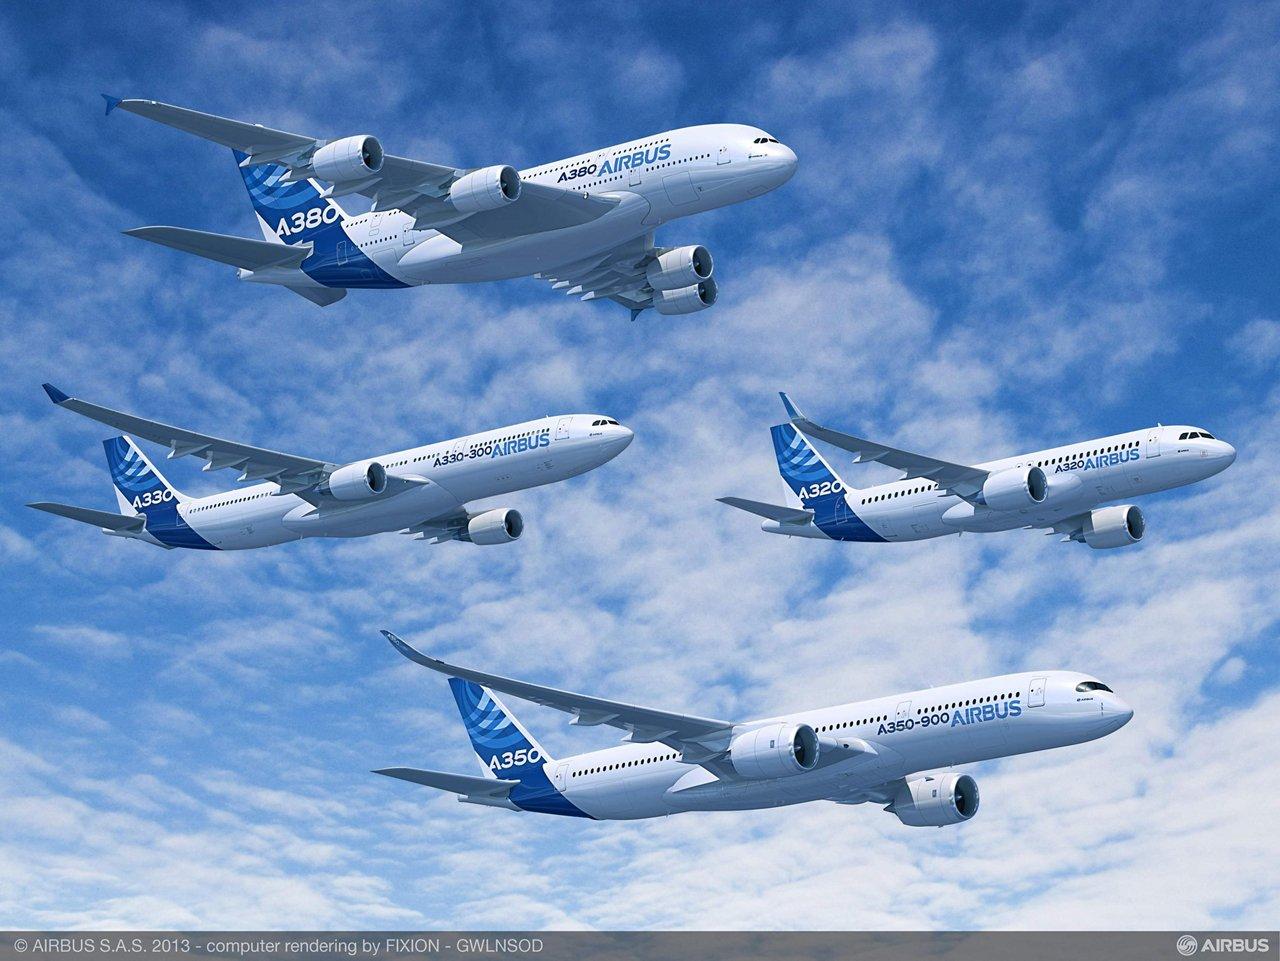 Airbus formation flight_A320 A330 A350 XWB A380